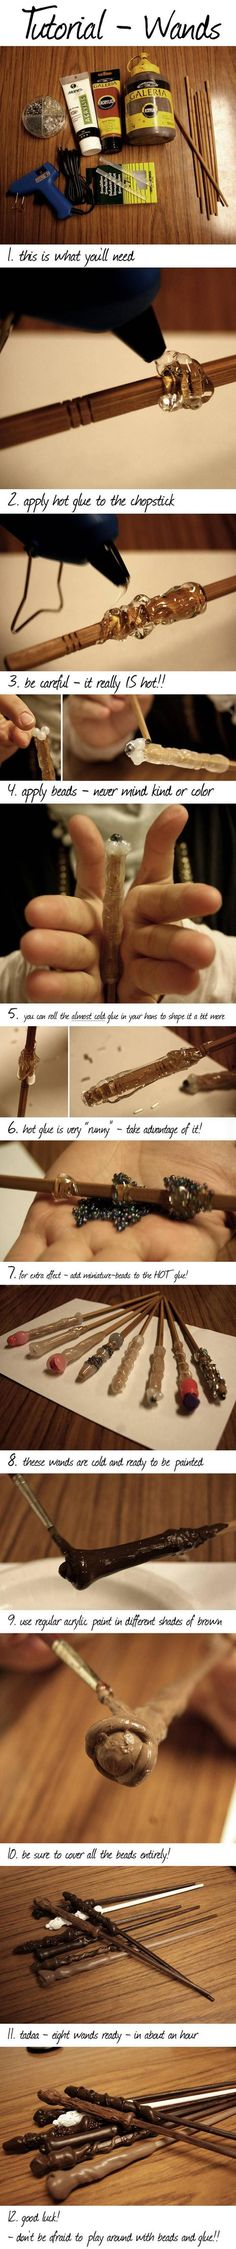 Make your own magic wand! - Win Bild - Webfail